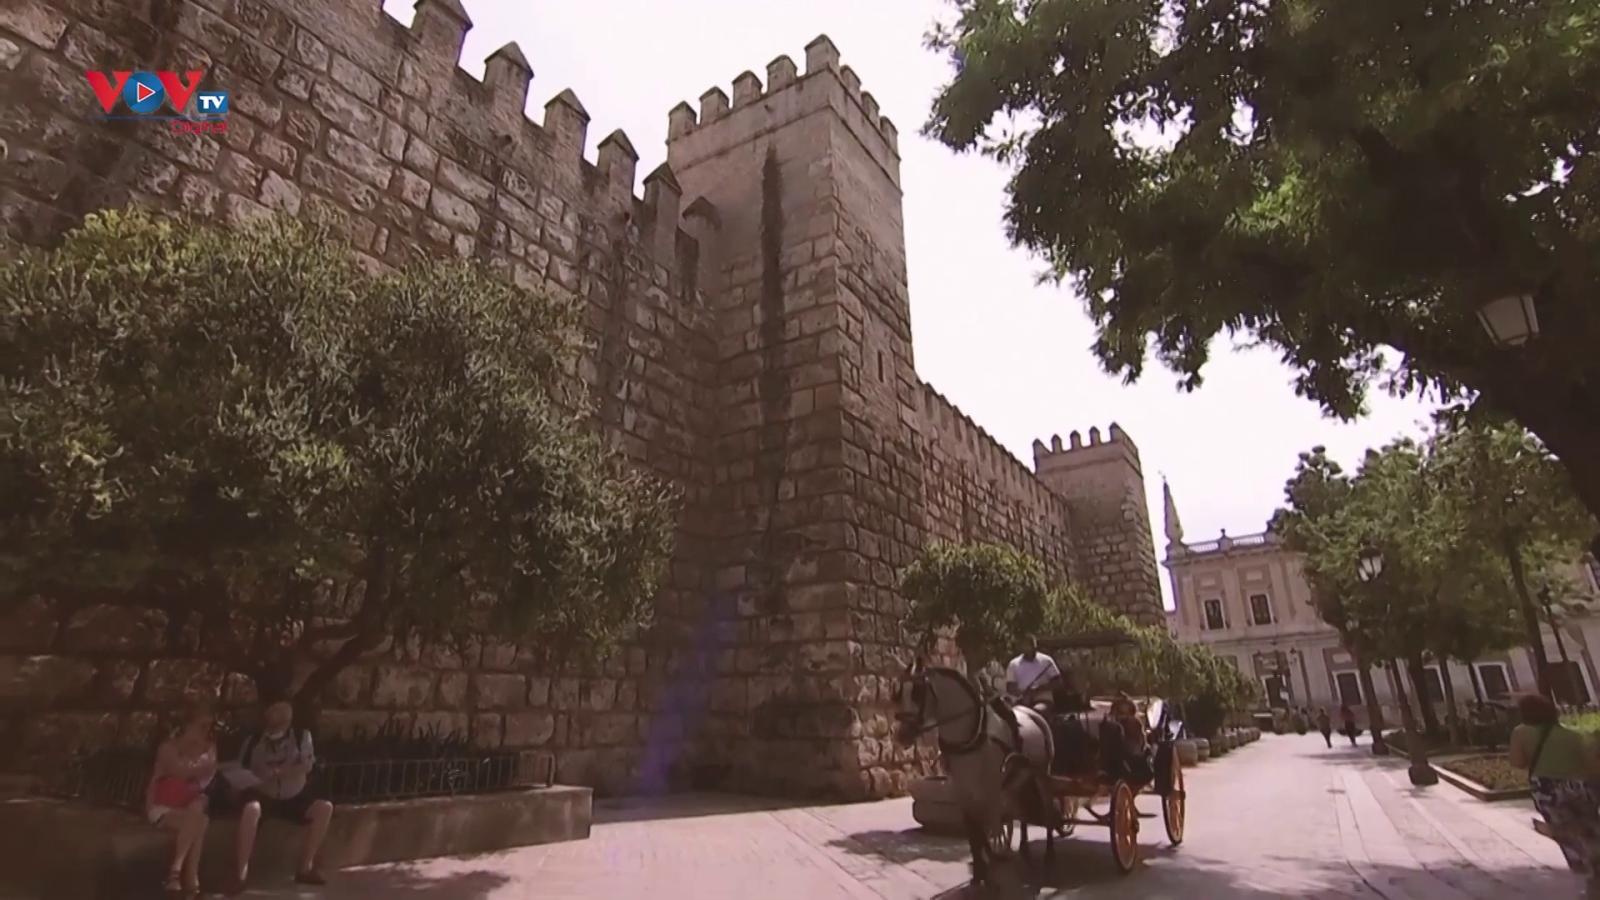 Khám phá các thành phố chủ nhà Euro 2020: Seville, Tây Ban Nha